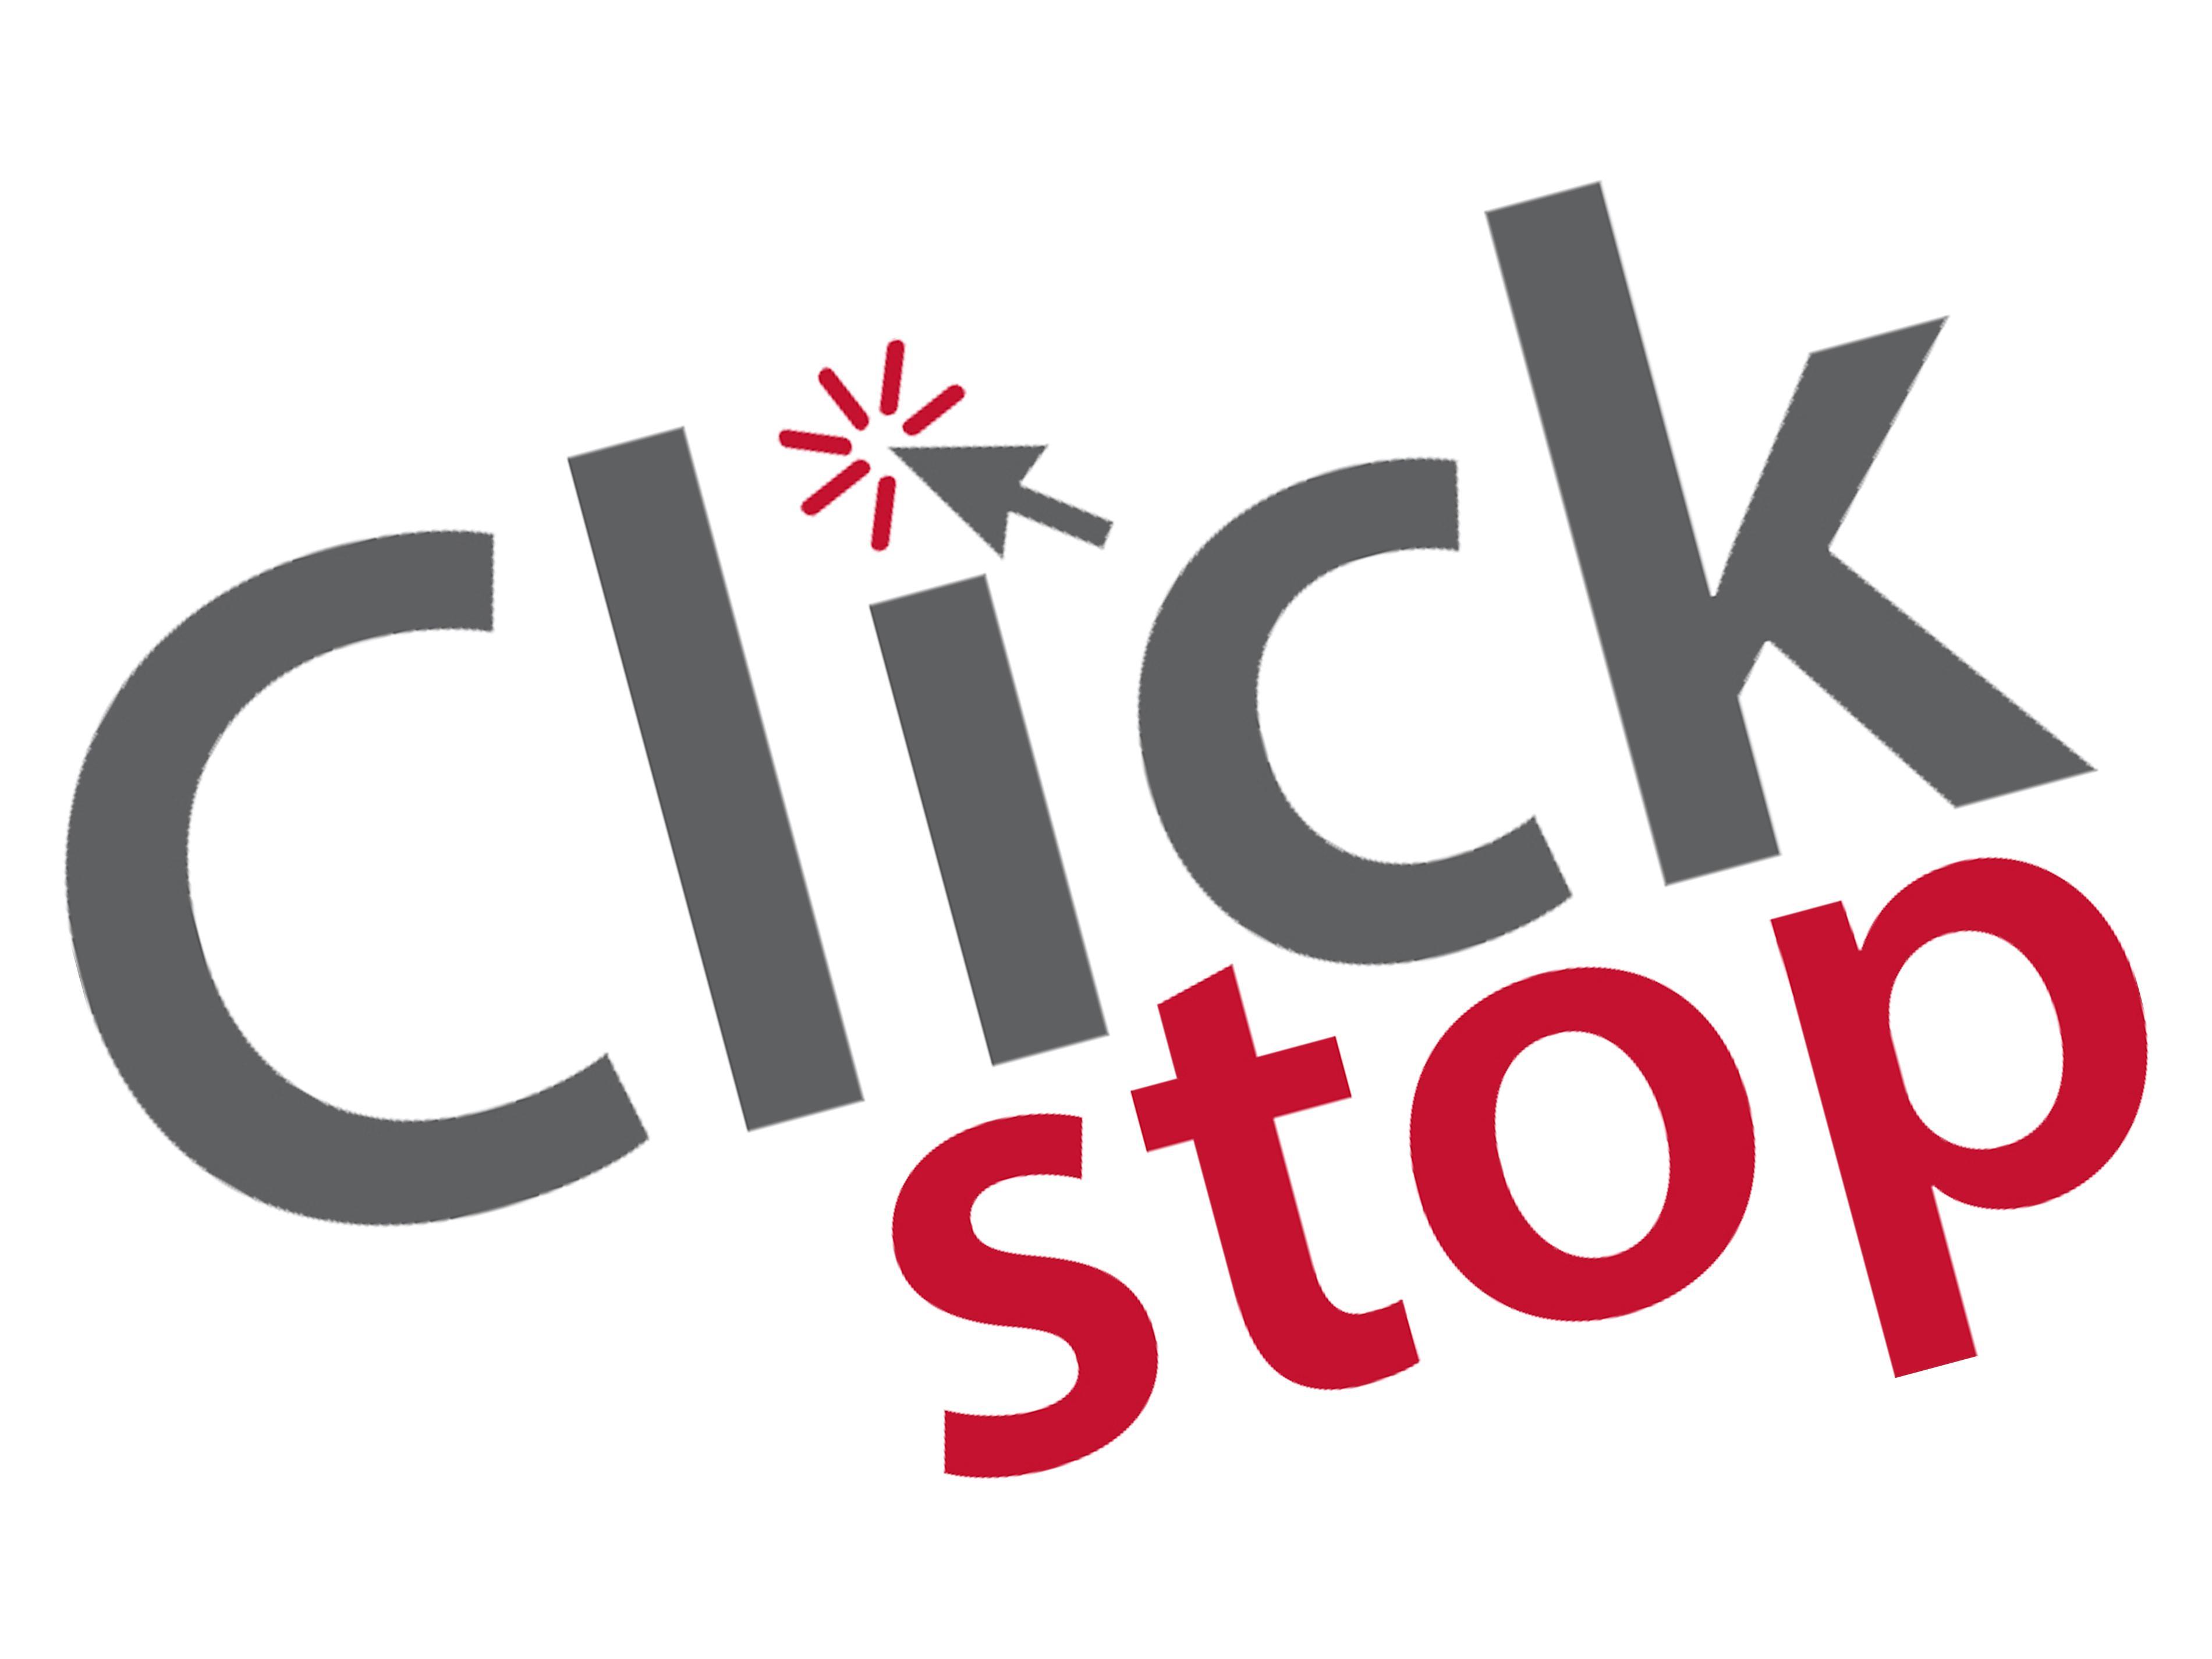 Clickstop, Inc.